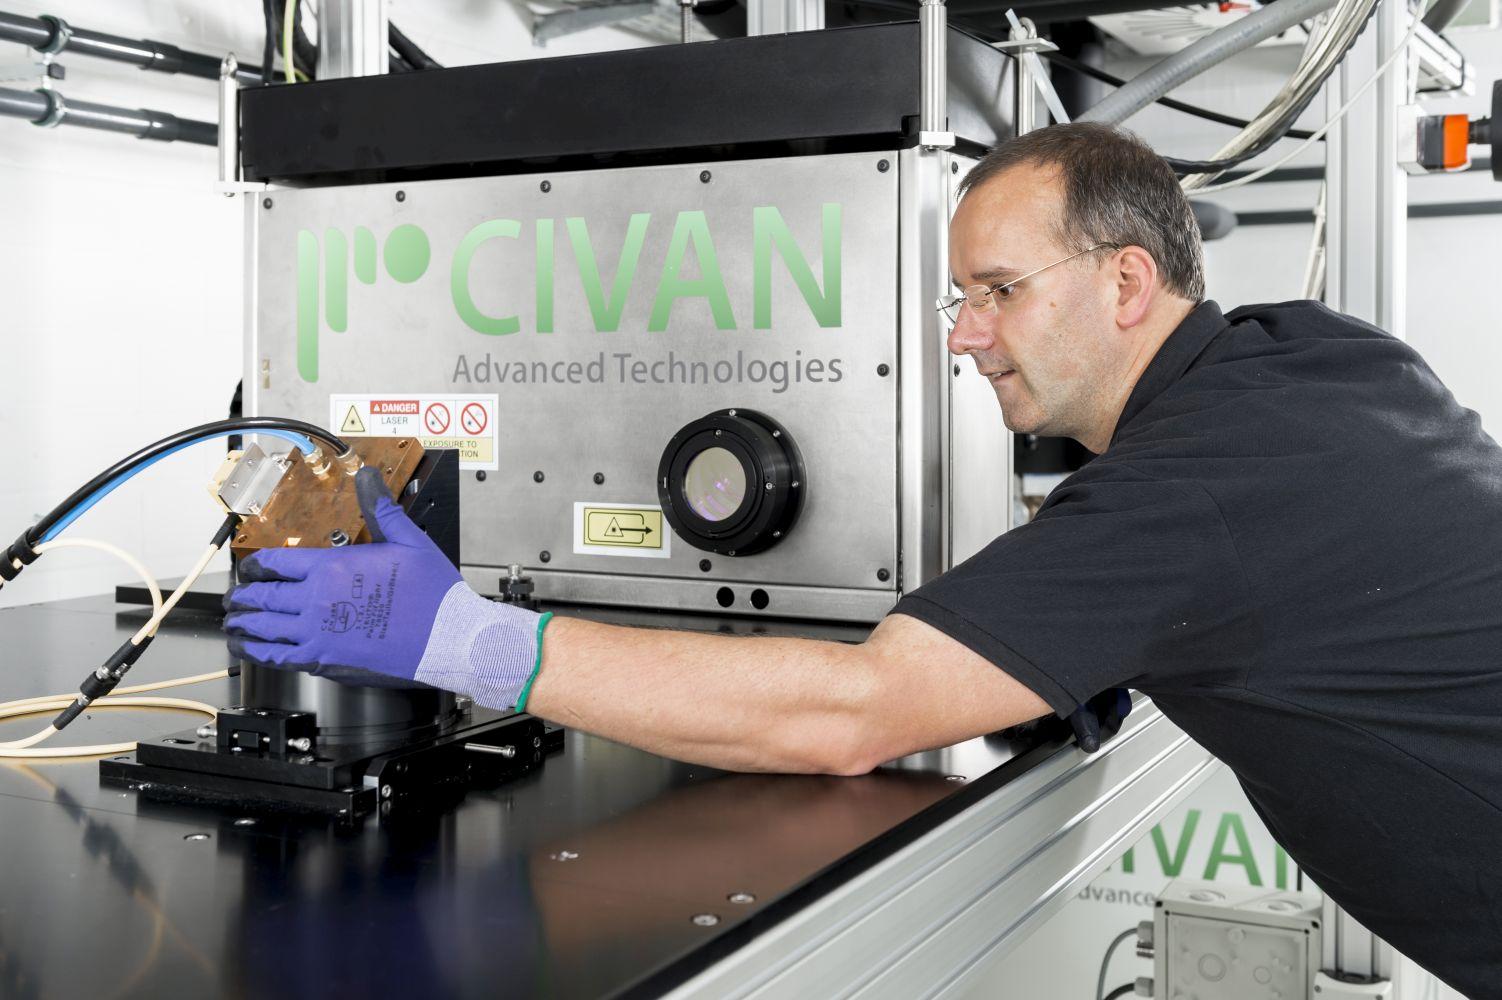 Der Laser »Dynamic Beam« aus Jerusalem ist inzwischen im Fraunhofer IWS in Dresden installiert. Das Institut ist damit die weltweit erste Forschungseinrichtung, die eine solche Laserlösung im Einsatz hat. © René Jungnickel/Fraunhofer IWS Dresden